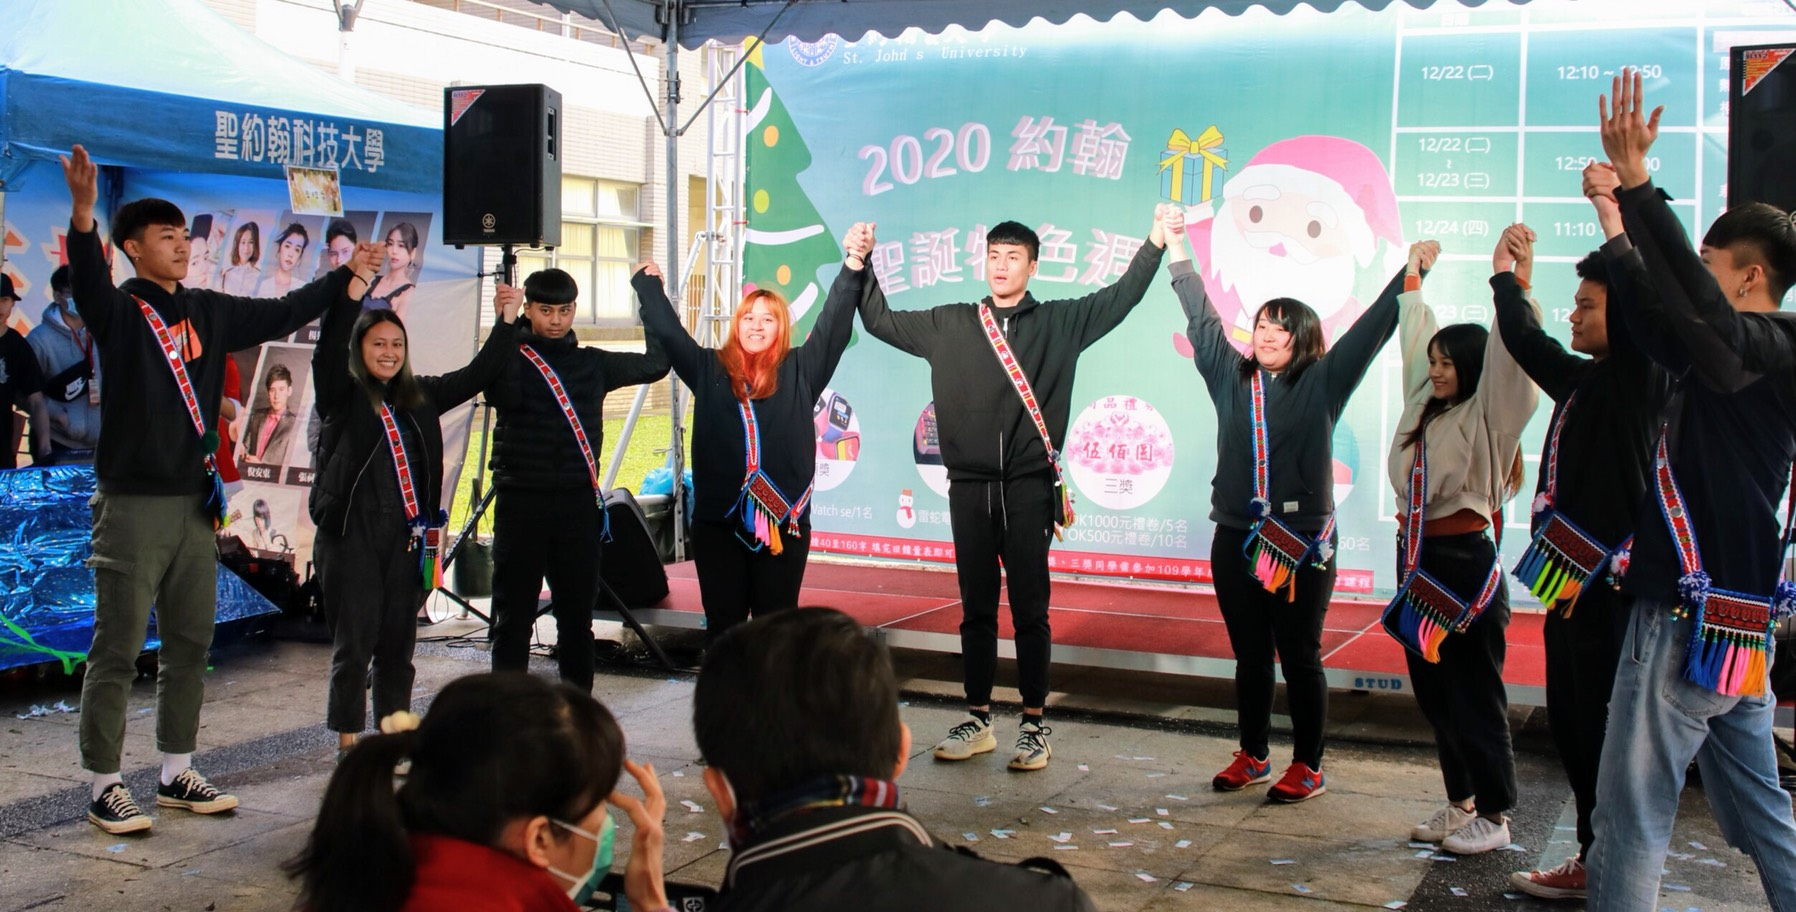 社團表演歡慶聖誕 聖約翰科大特色週熱鬧登場-系學會